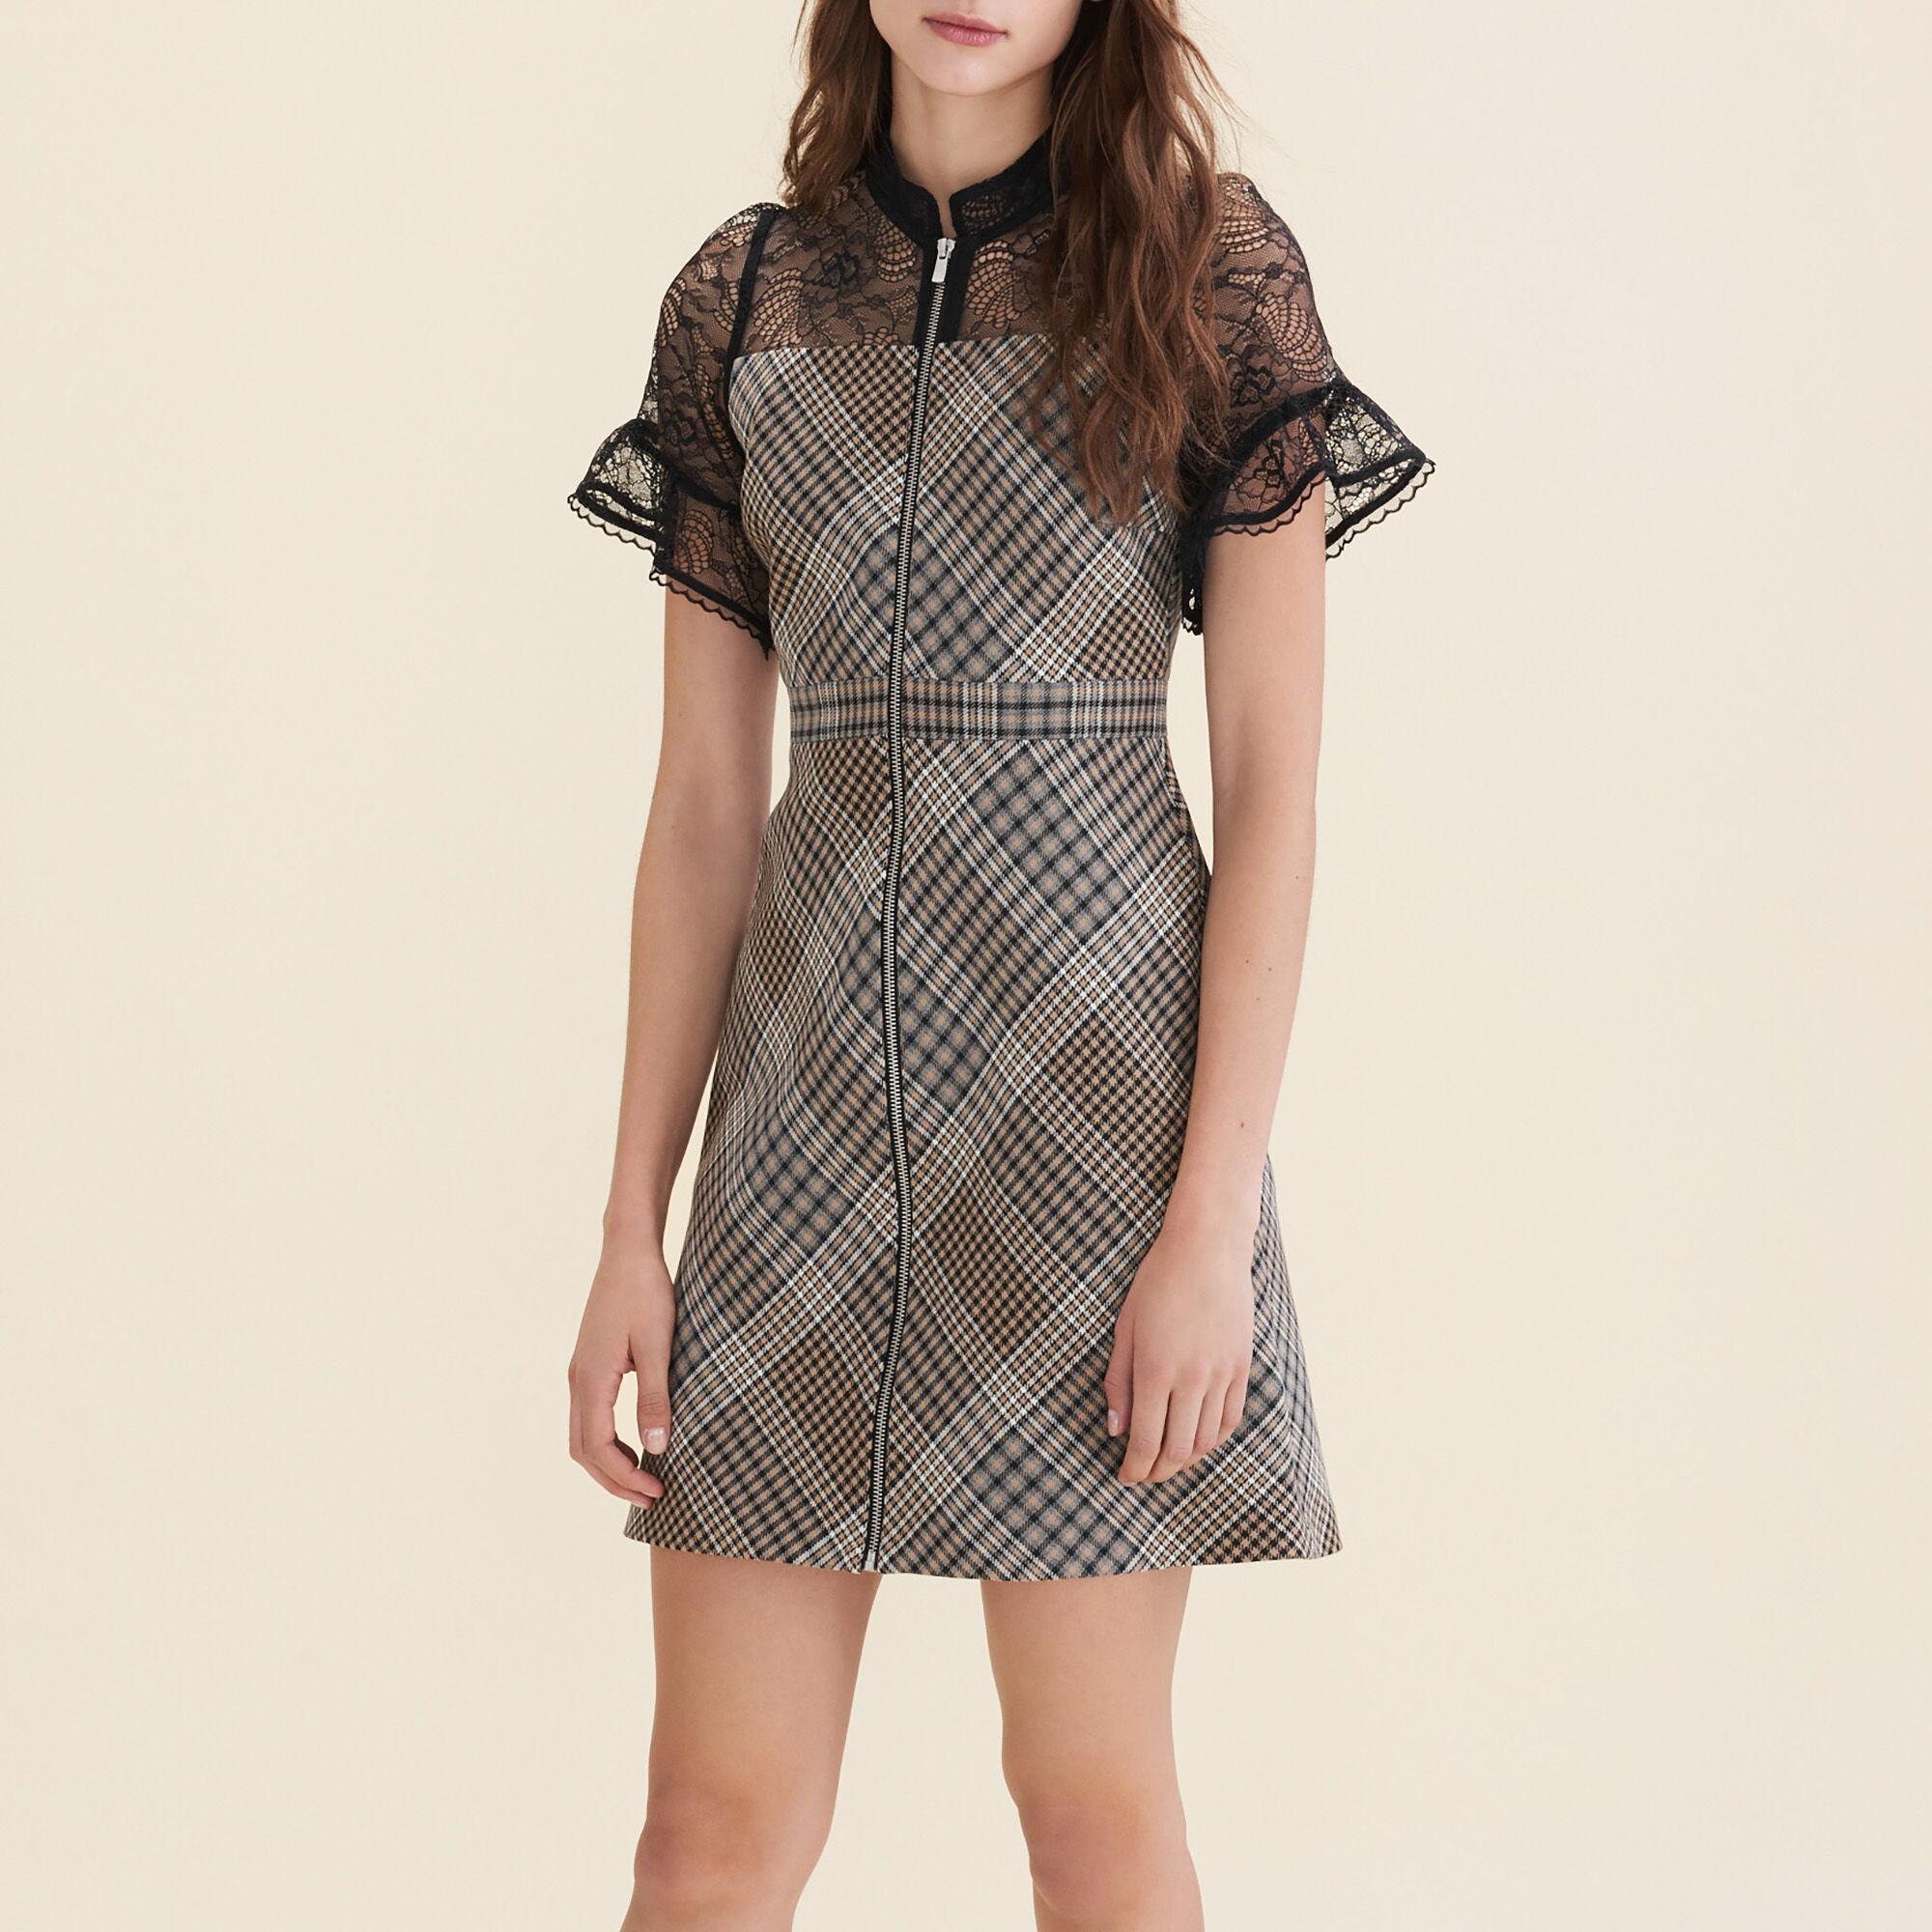 Jacquard Clothing